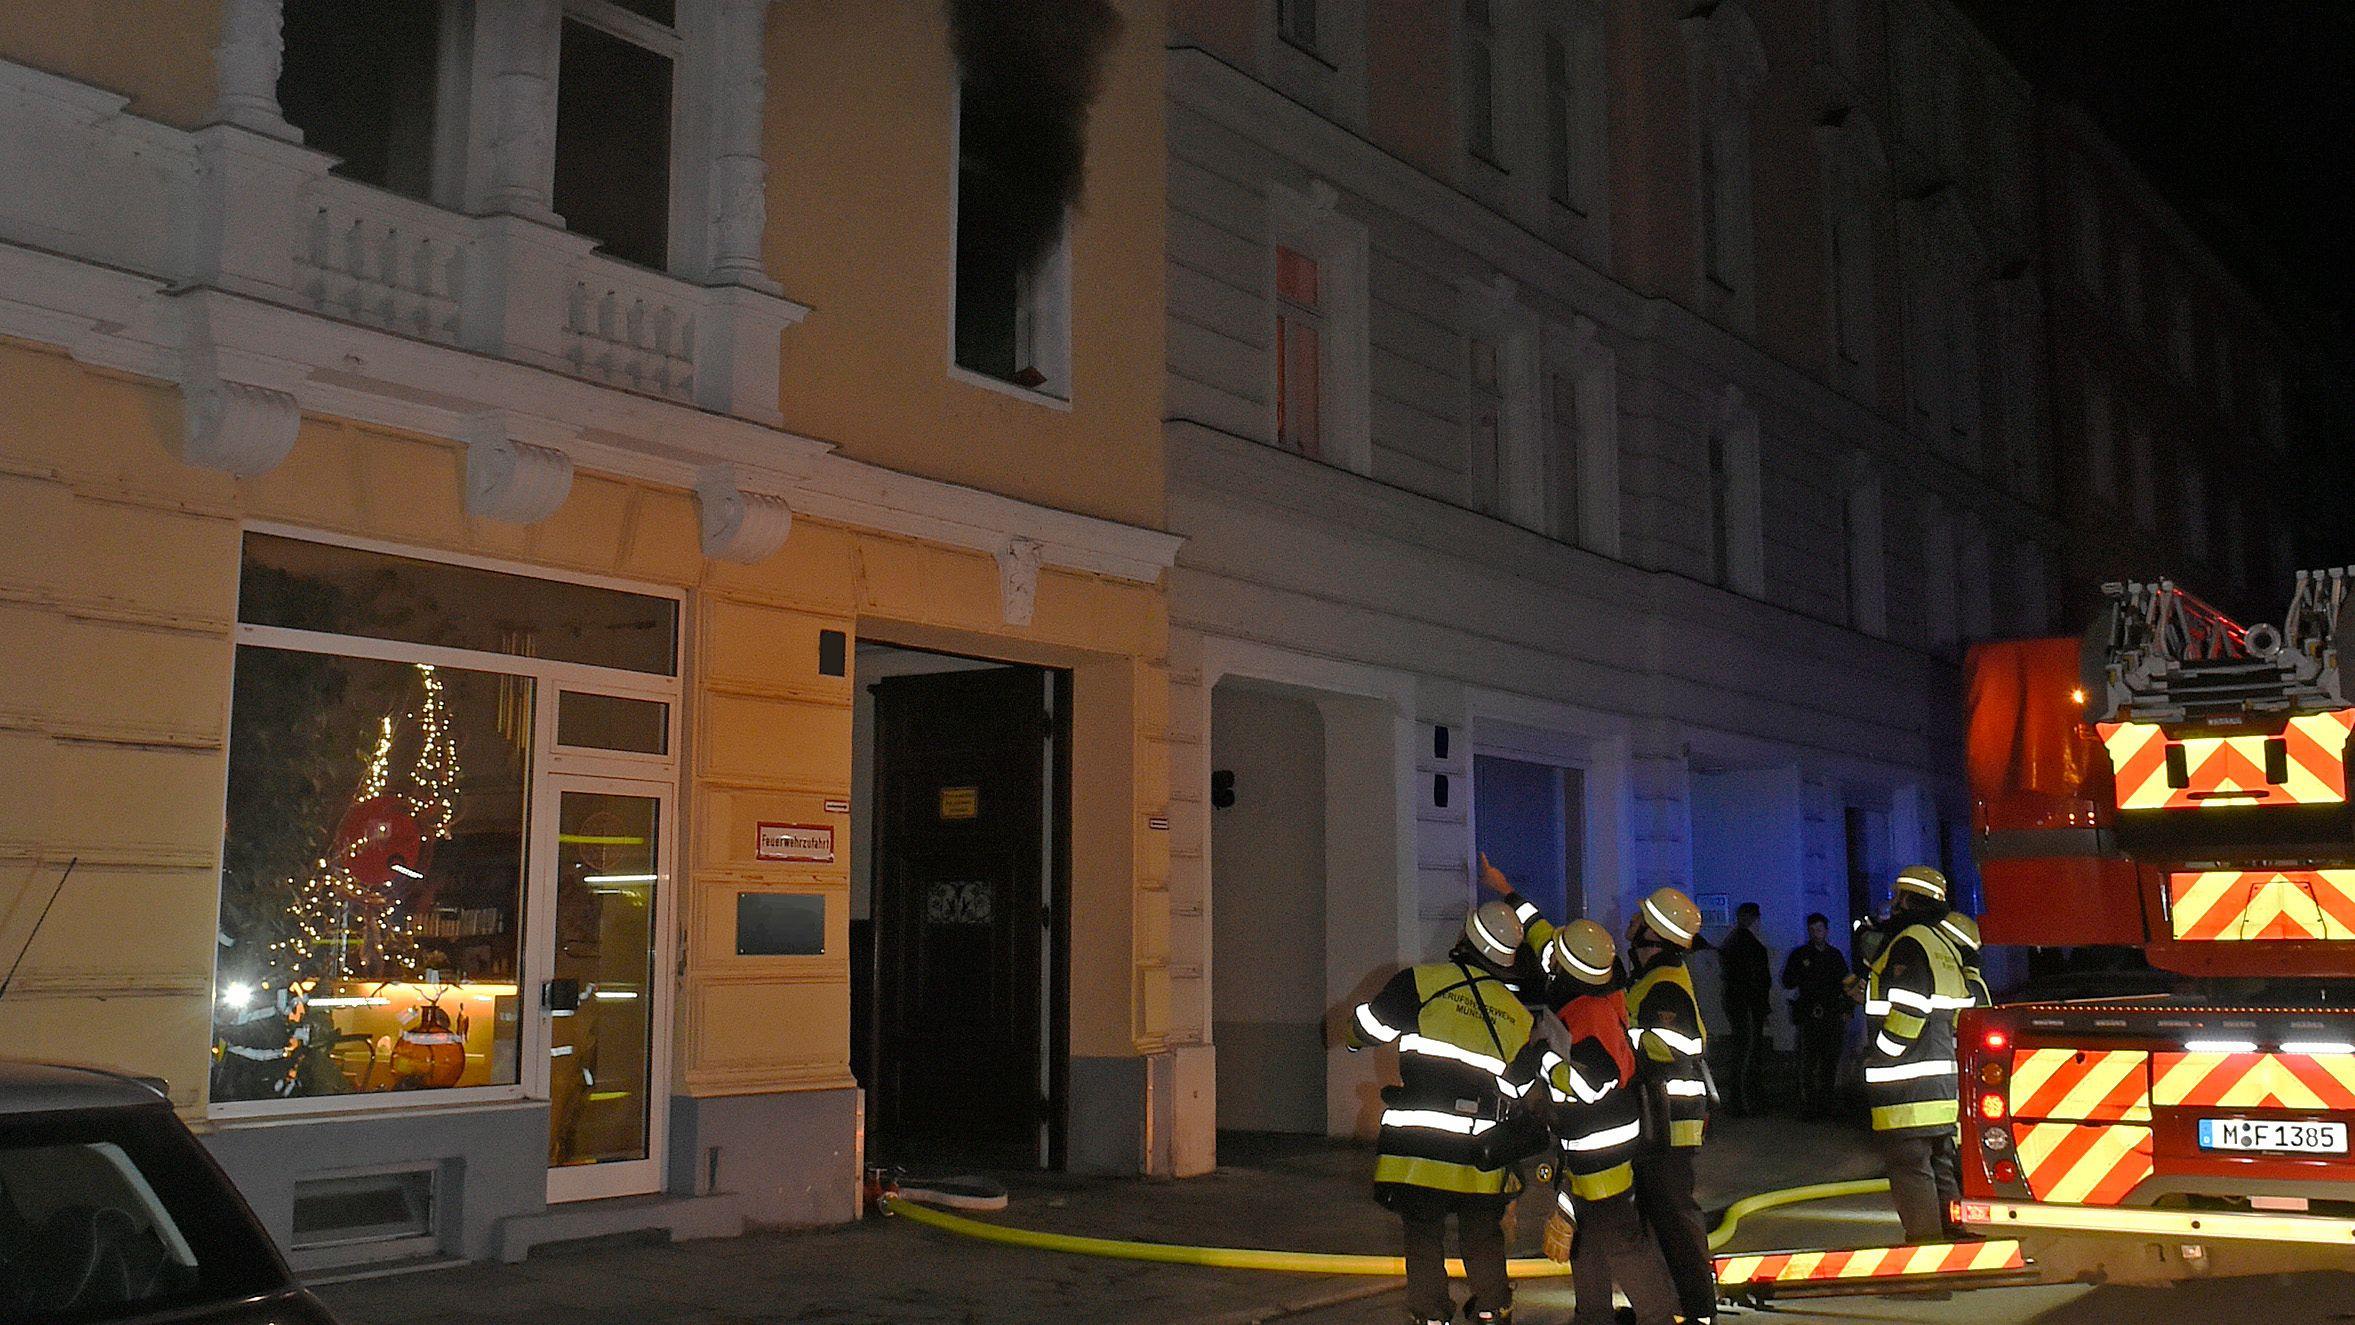 Feuerwehrleute stehen neben einem einem Löschfahrzeug und schauen auf das Fenster im ersten Stock, aus dem schwarzer Rauch dringt.